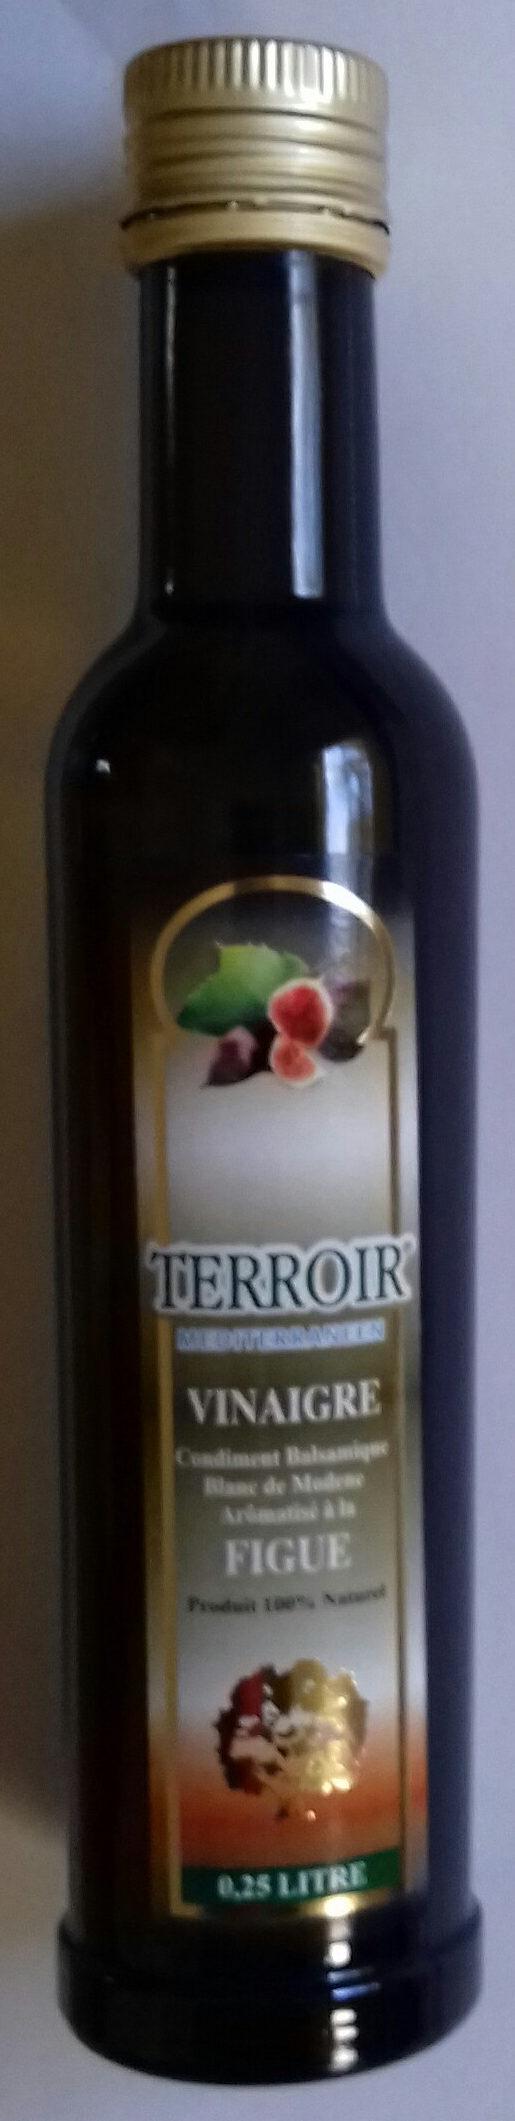 vinaigre condiment balsamique aromatisé à la figue - Product - fr